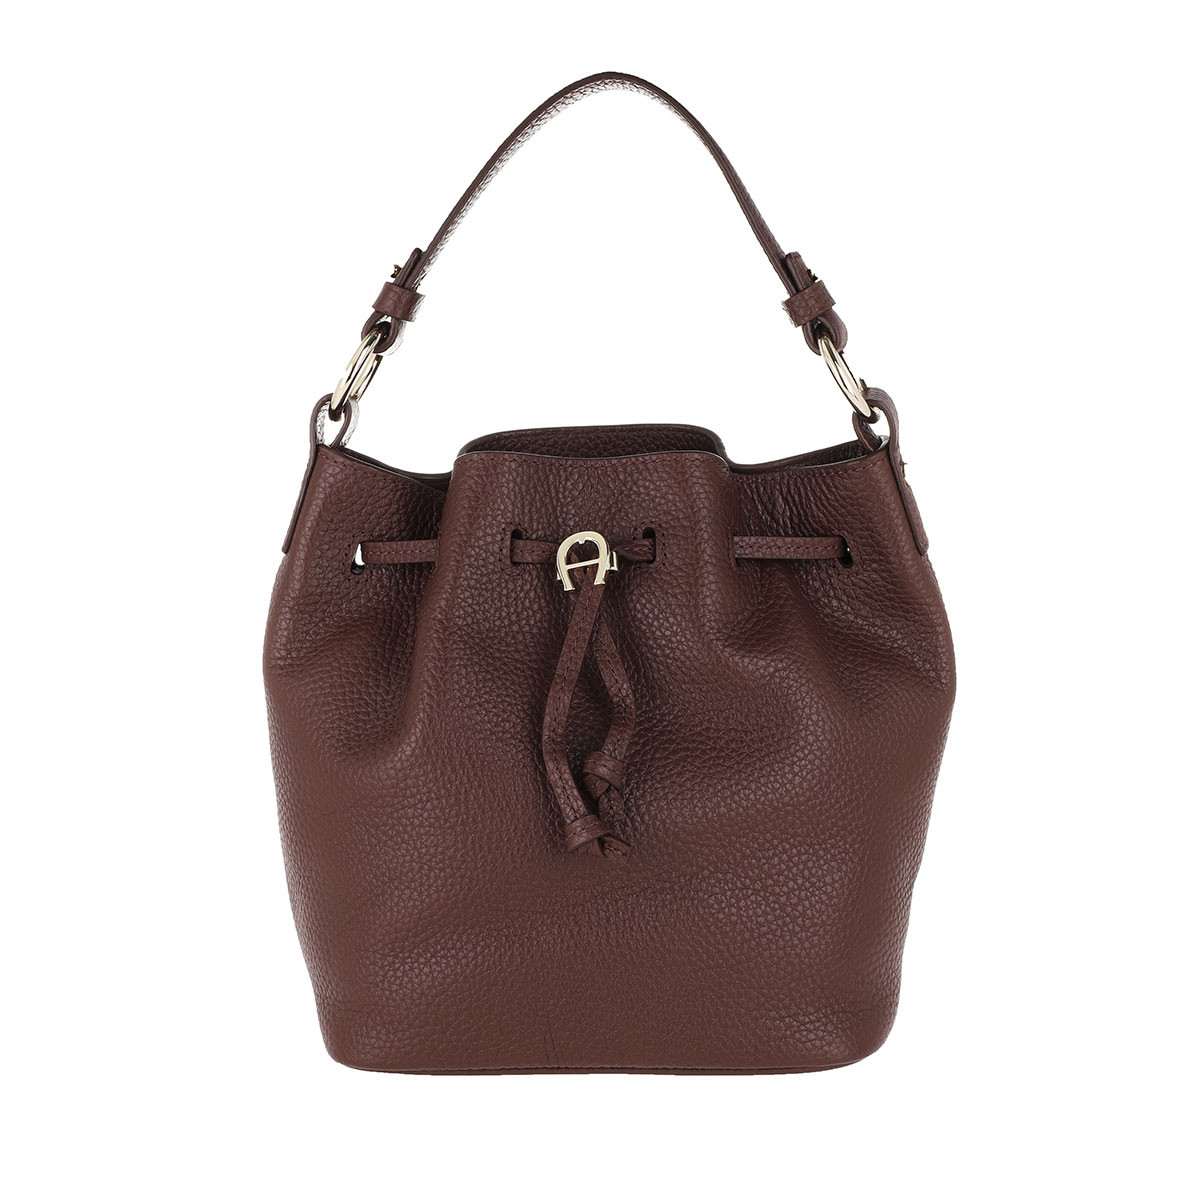 Aigner Beuteltasche - Tara Small Bucket Bag Bitter Chocolate Brown - in braun - für Damen